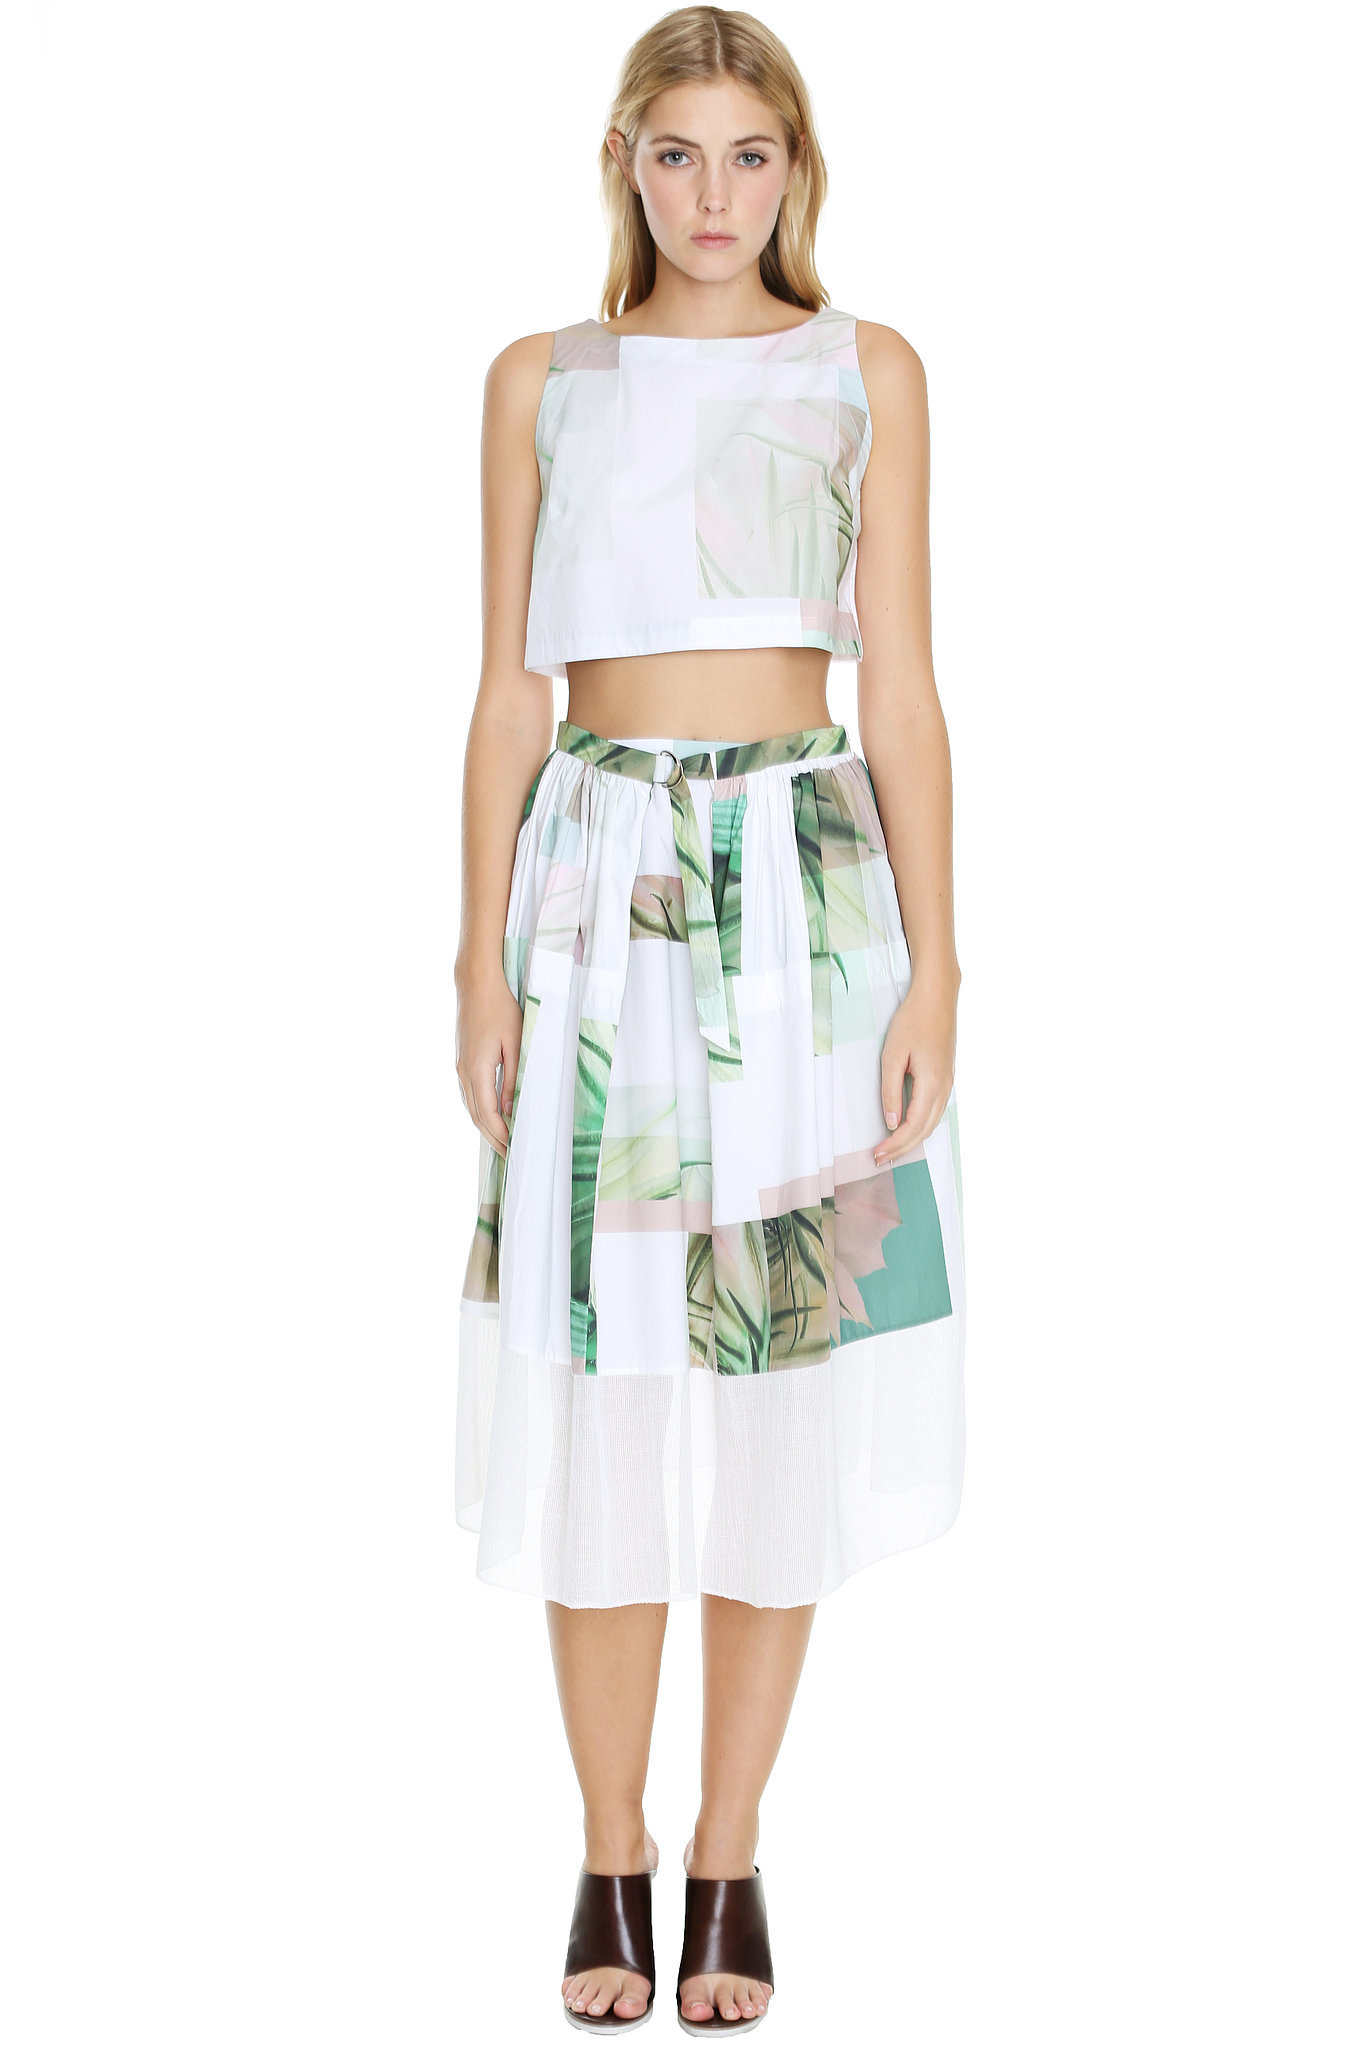 Midi skirt and crop top set – Modern skirts blog for you